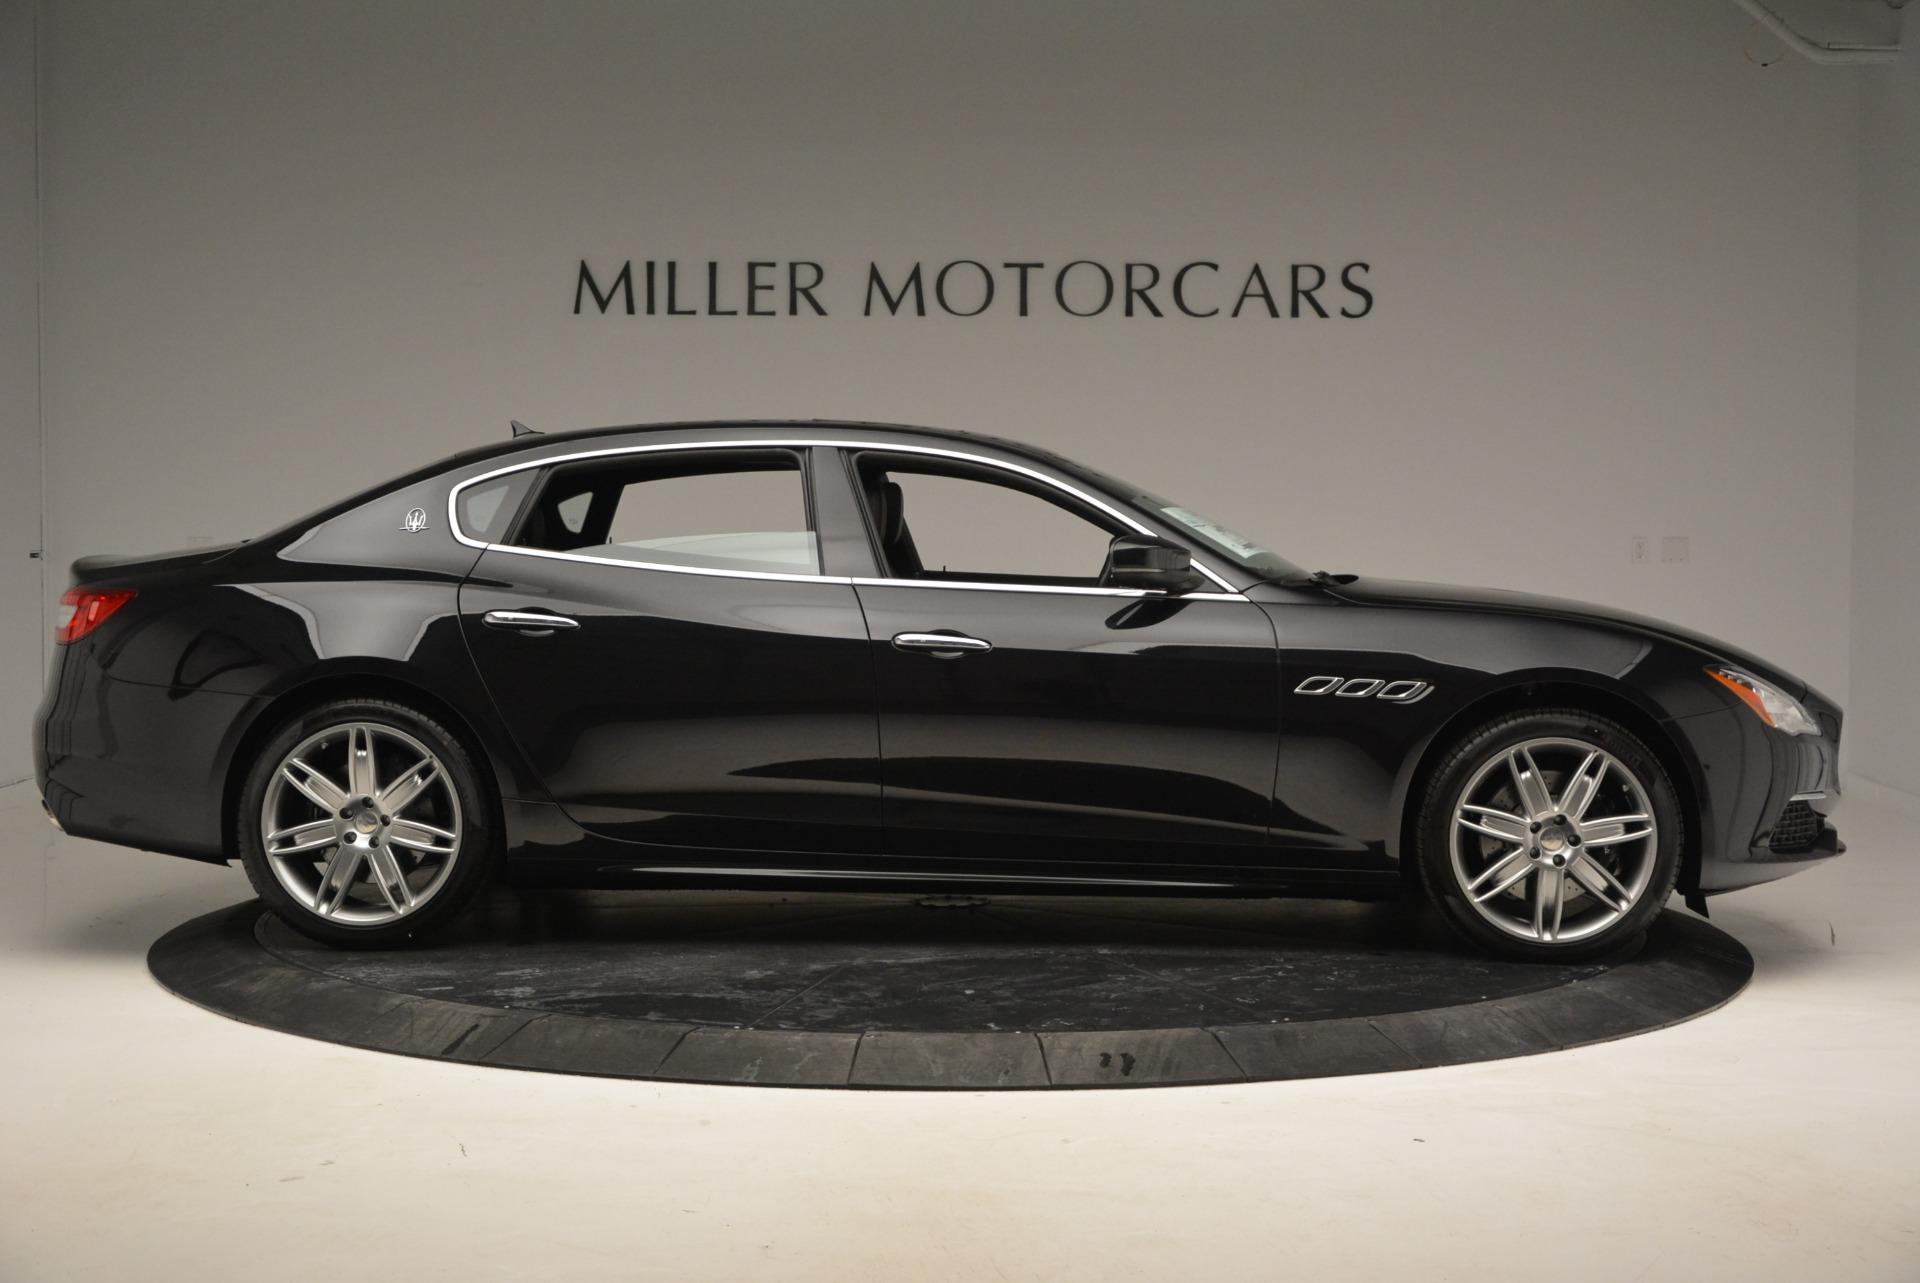 New 2017 Maserati Quattroporte S Q4 GranLusso For Sale In Greenwich, CT 777_p9